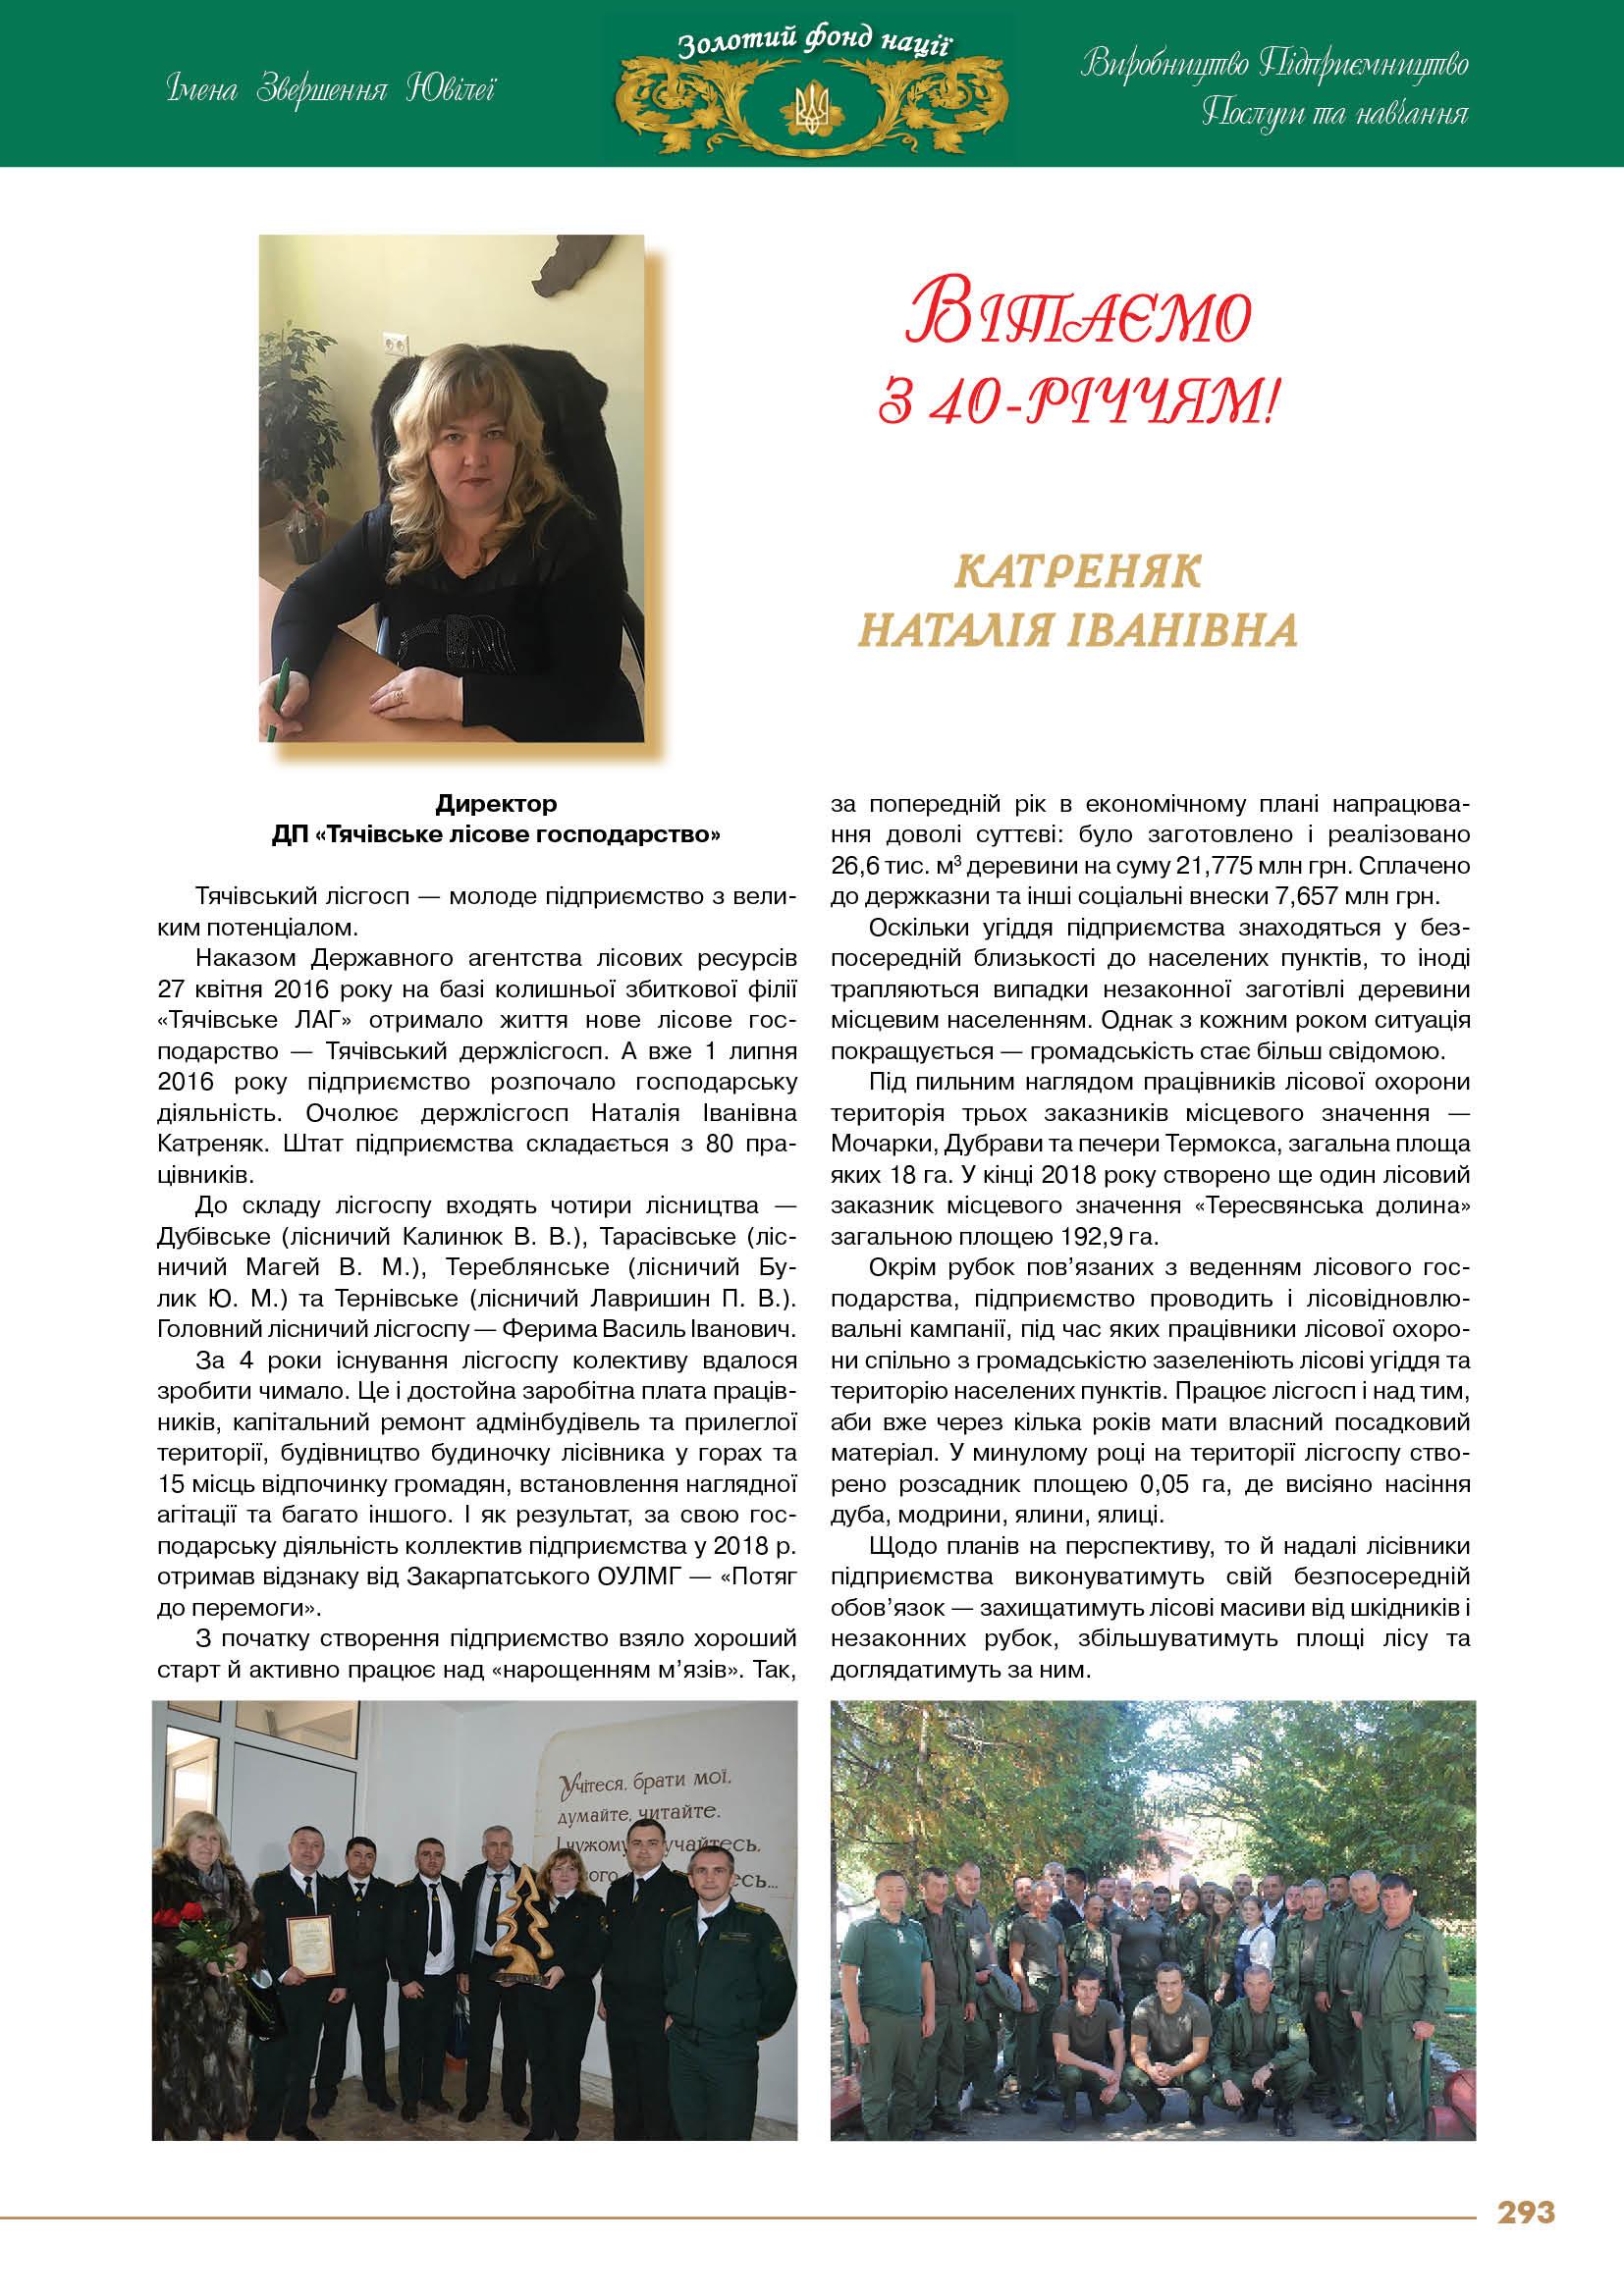 Катреняк Наталія Іванівна